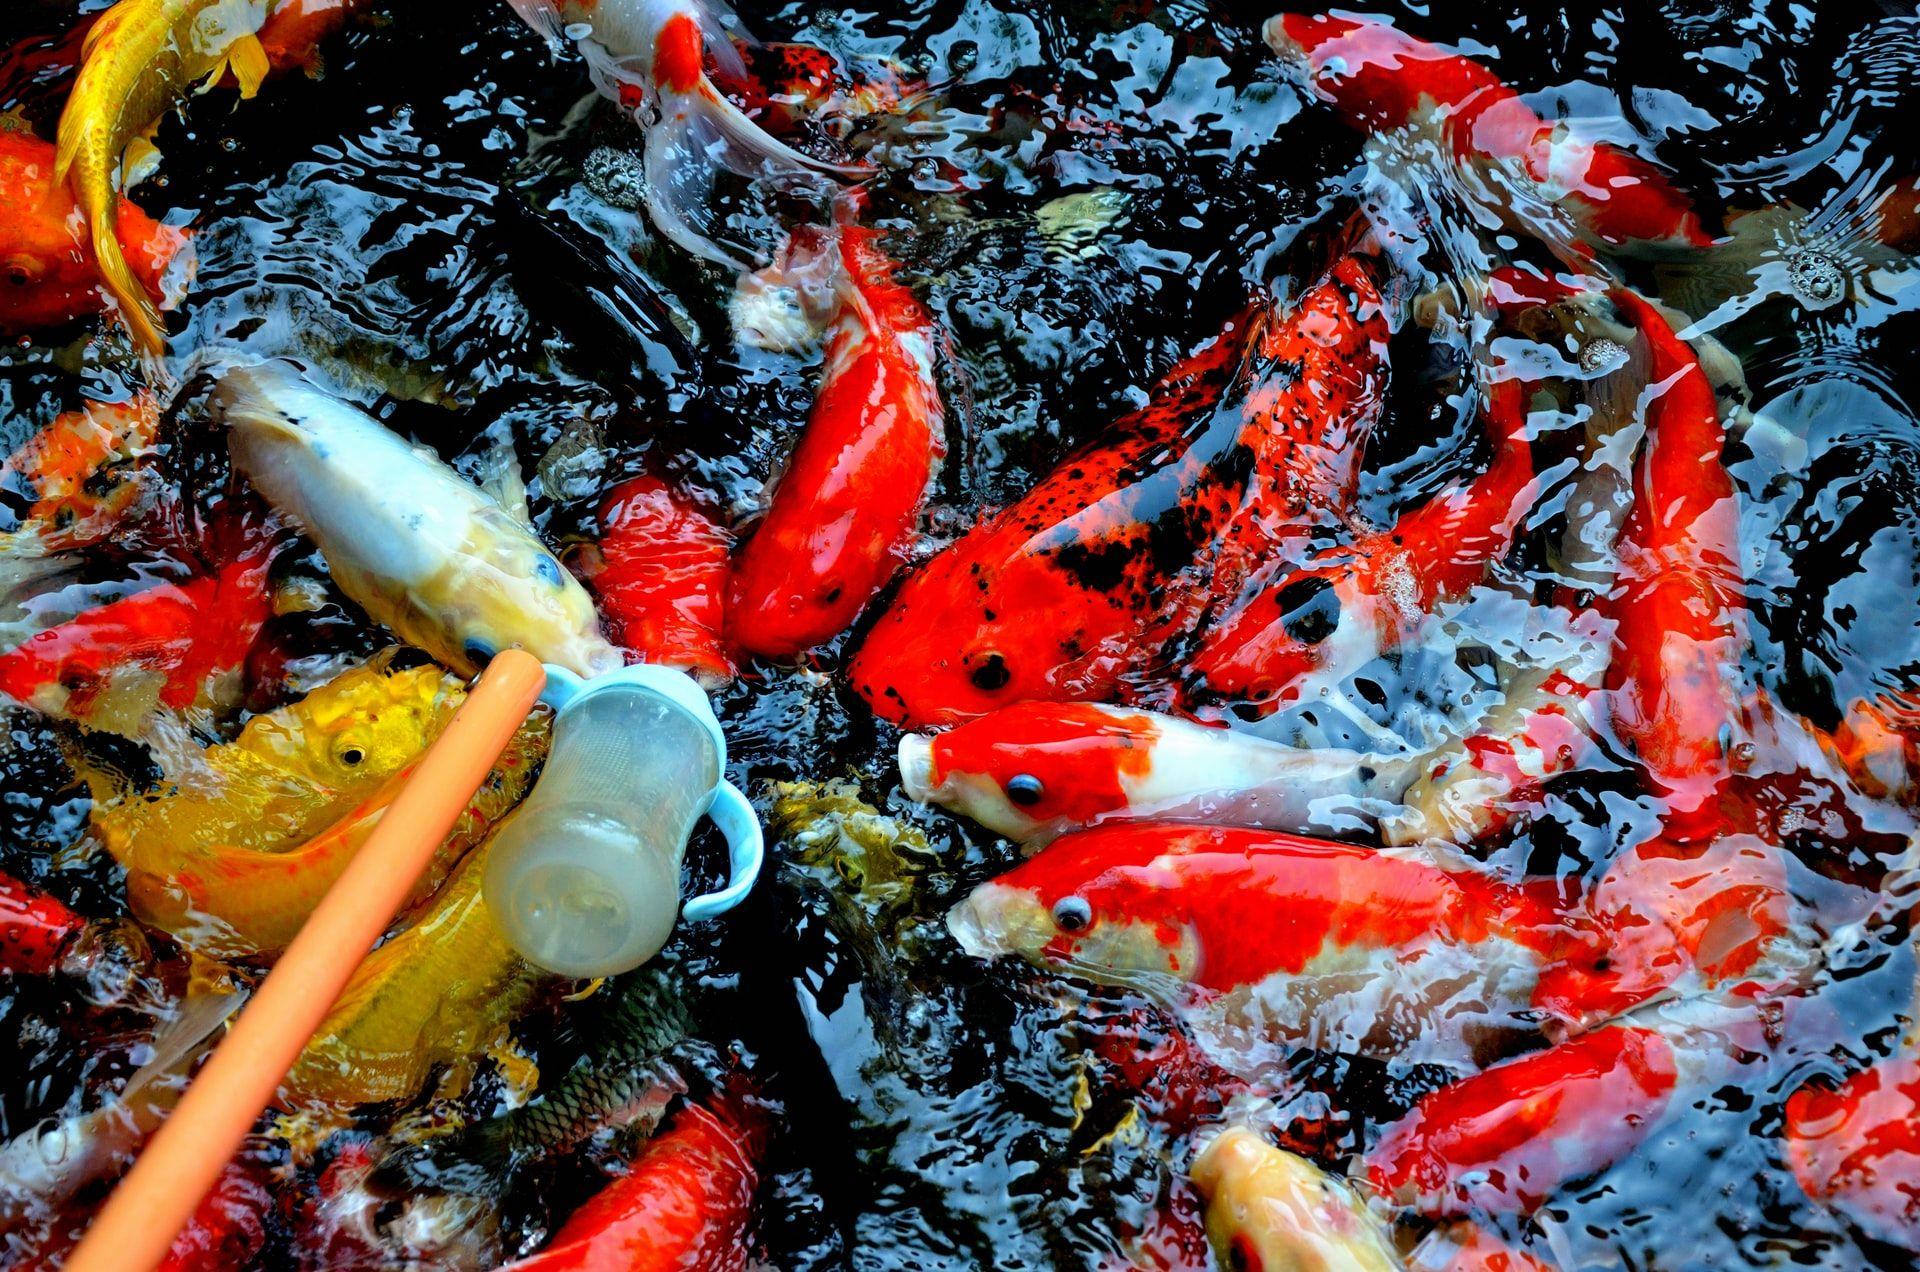 Nggak Sulit Kok, Ini 10 Cara Memelihara Ikan Koi untuk Pemula